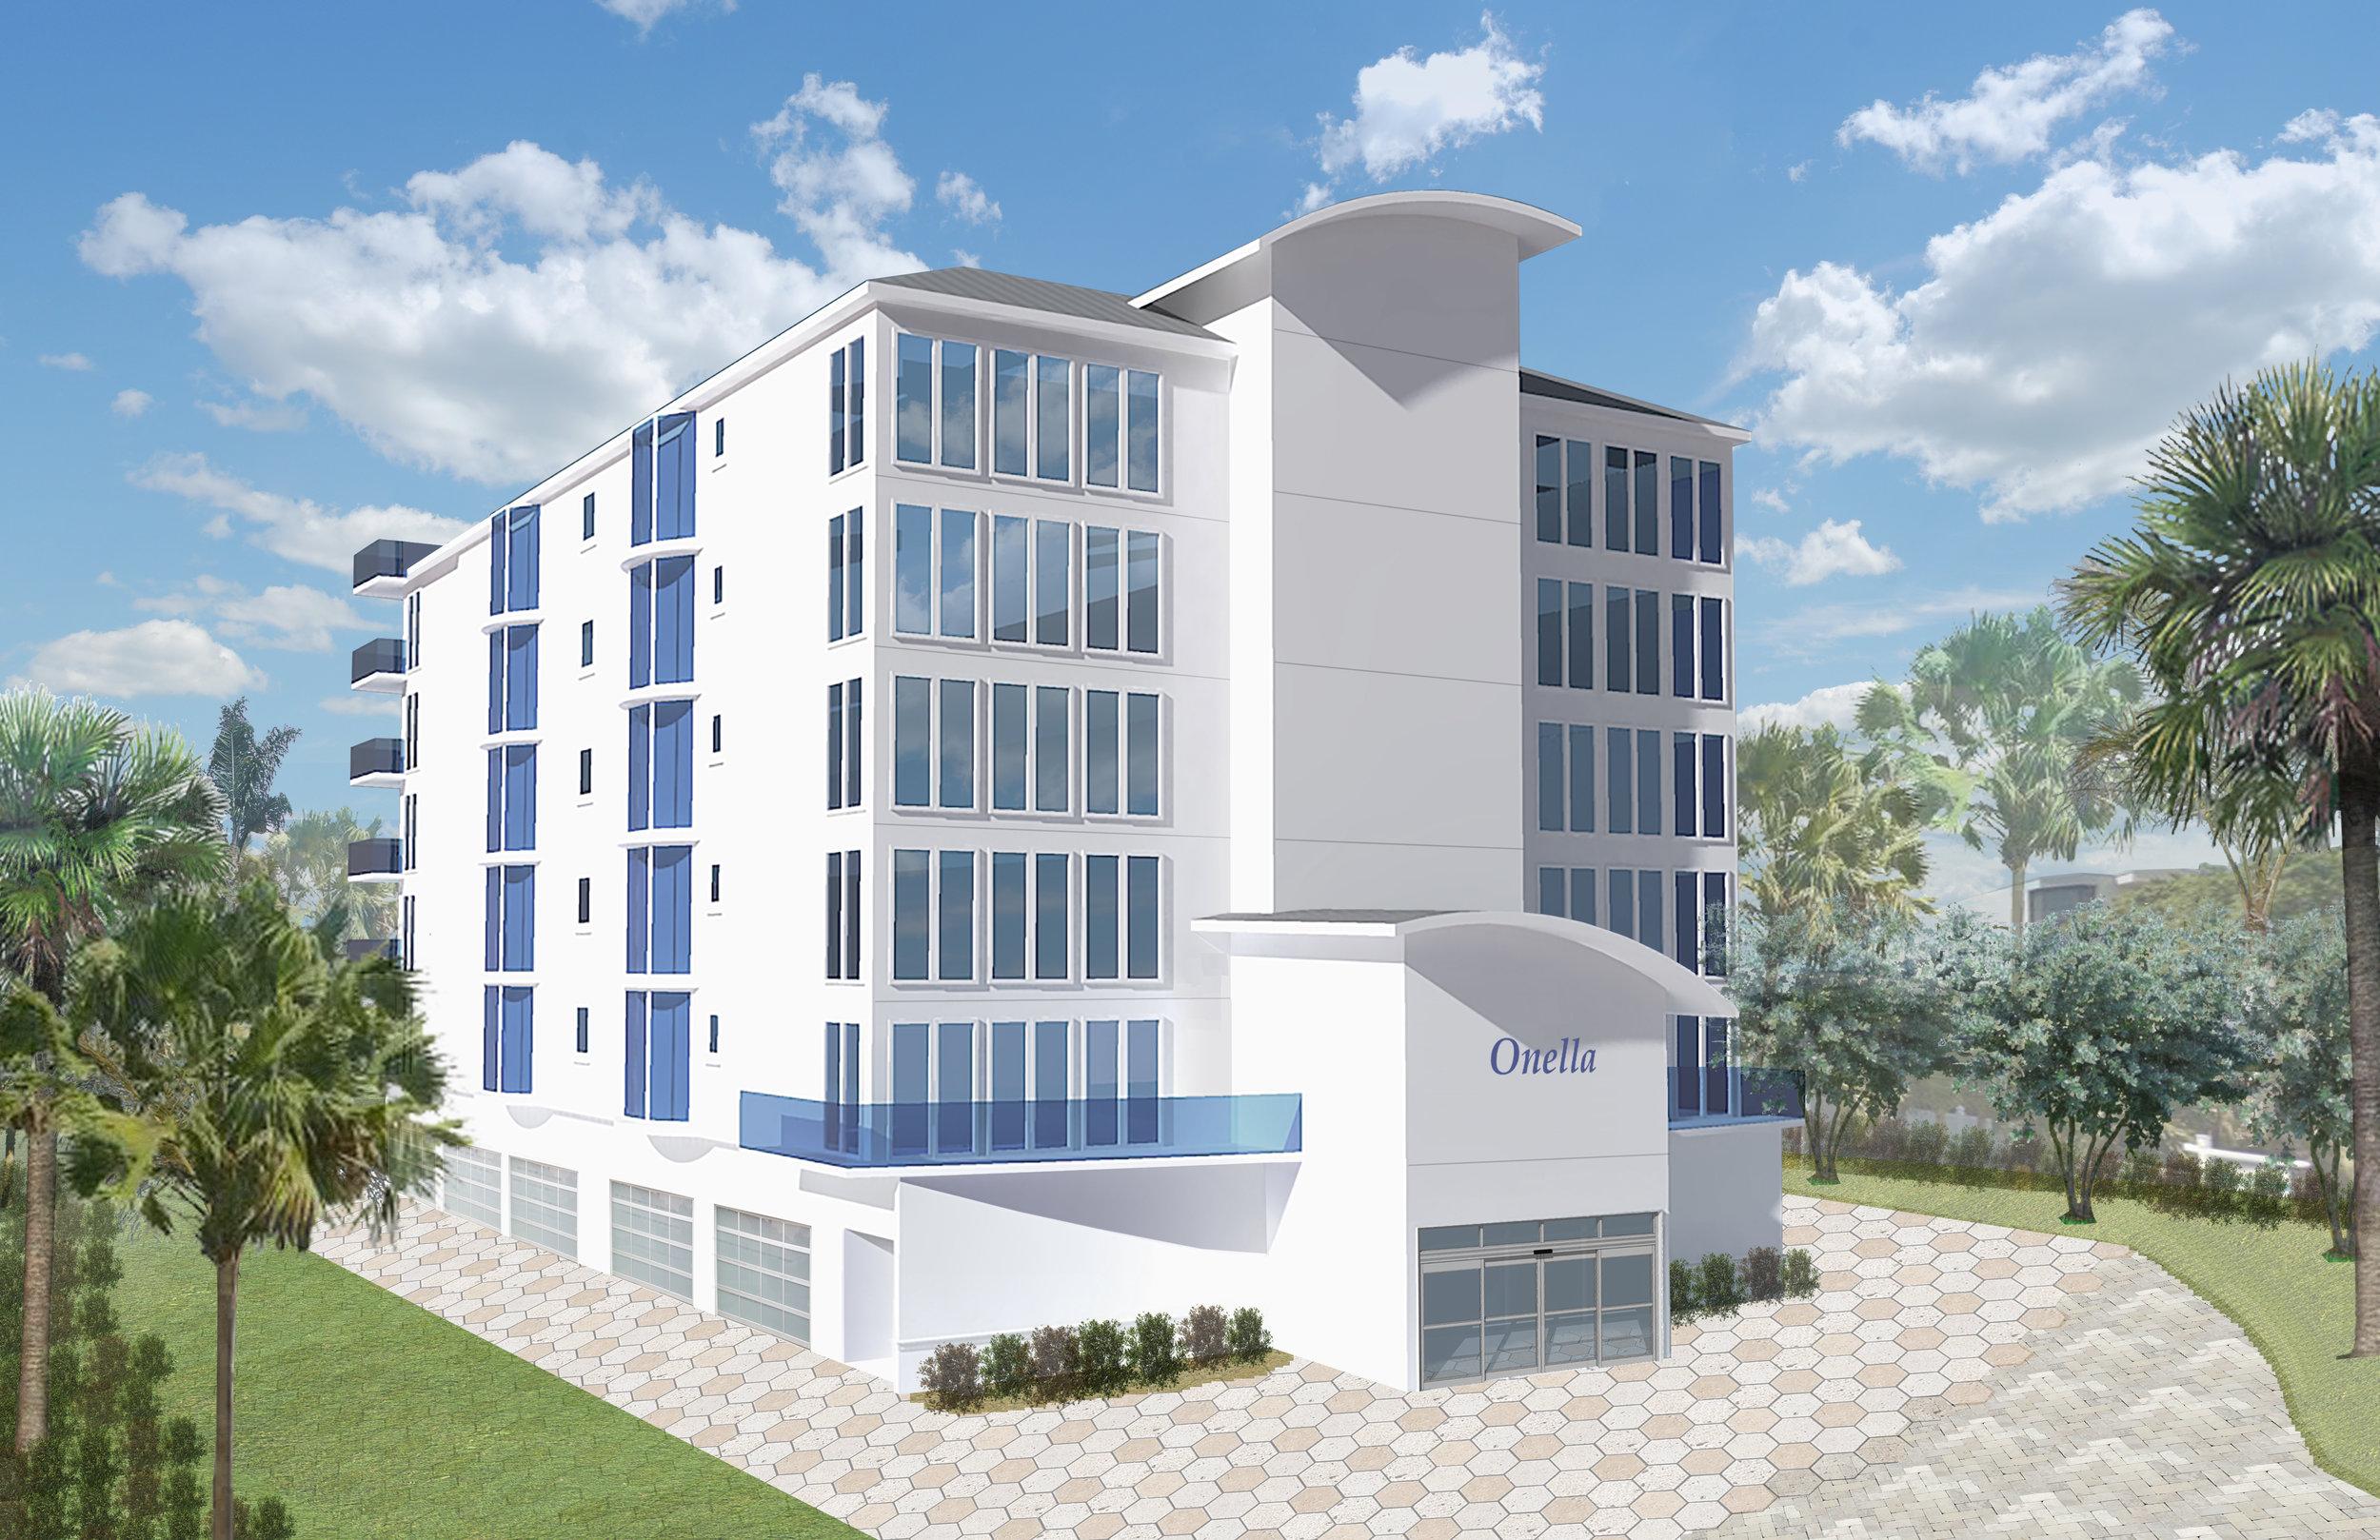 Onella Condominium